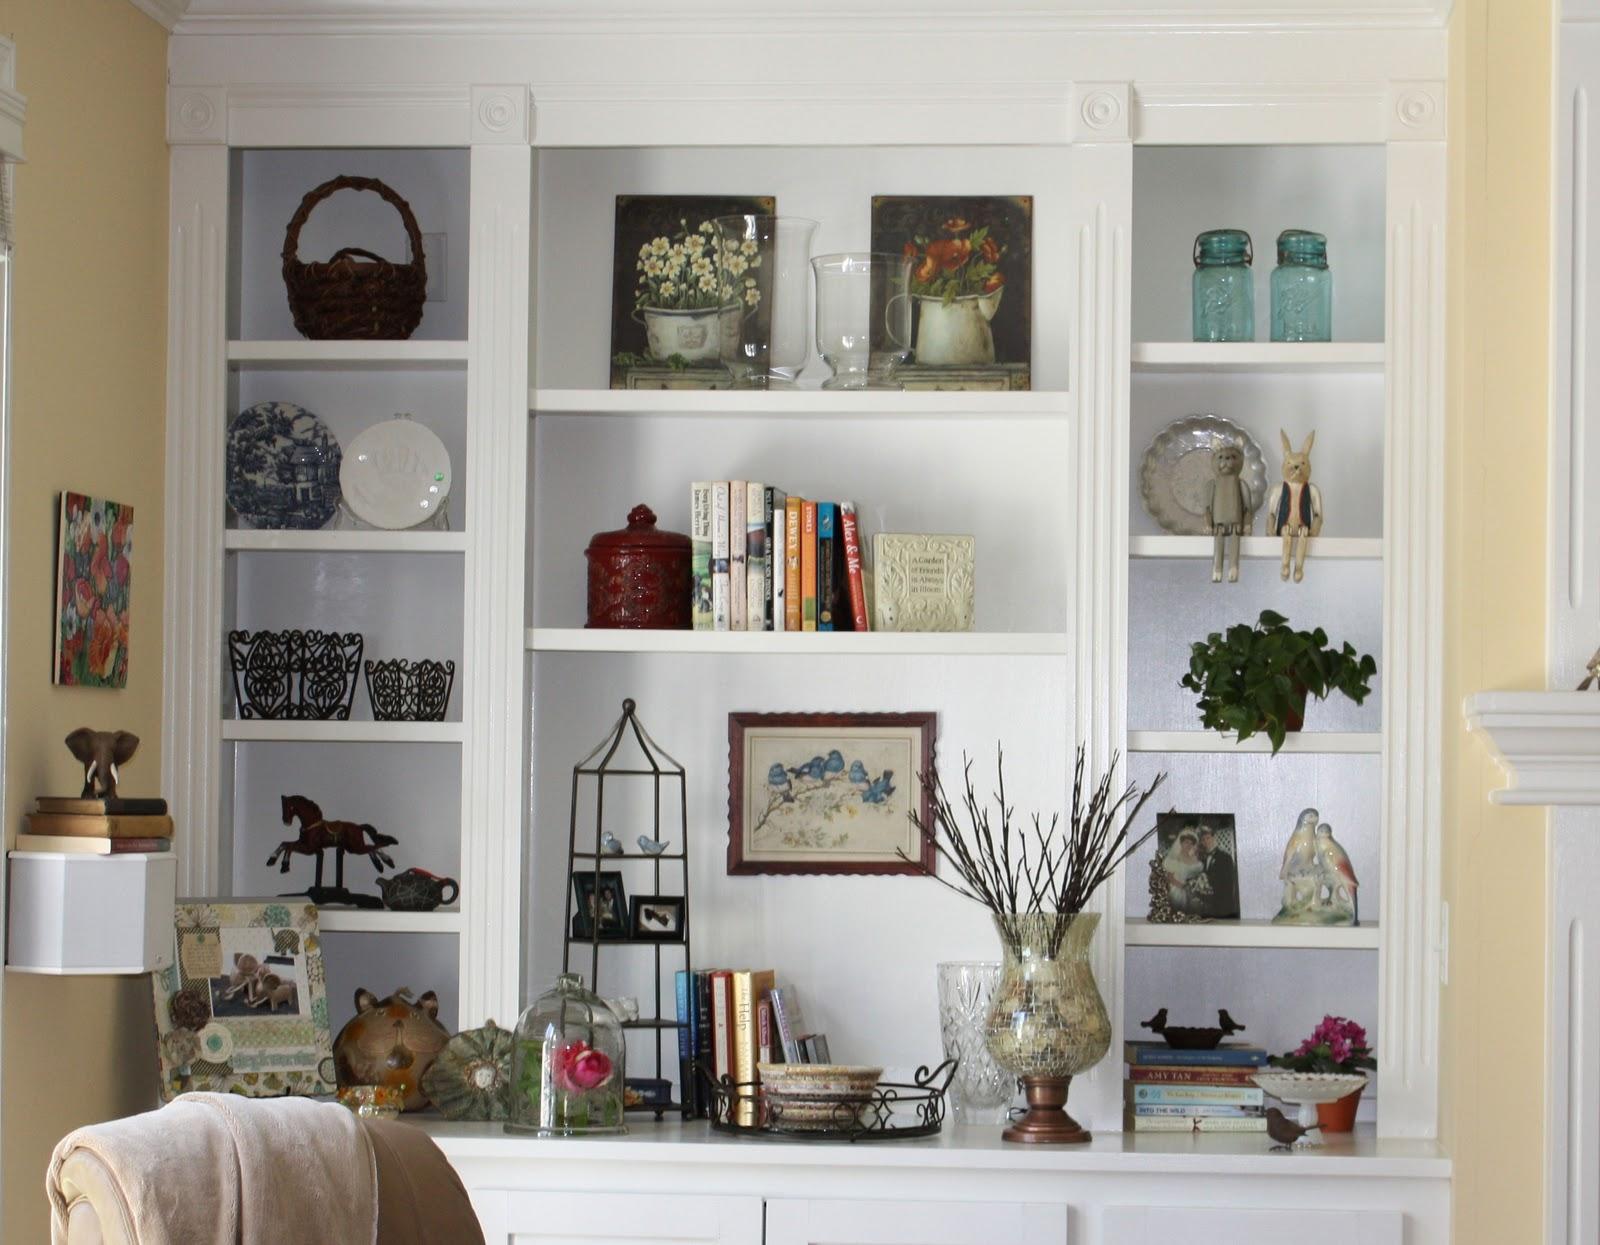 Interior Design Shelves Home Regarding Bookshelves Designs For Home (#13 of 15)